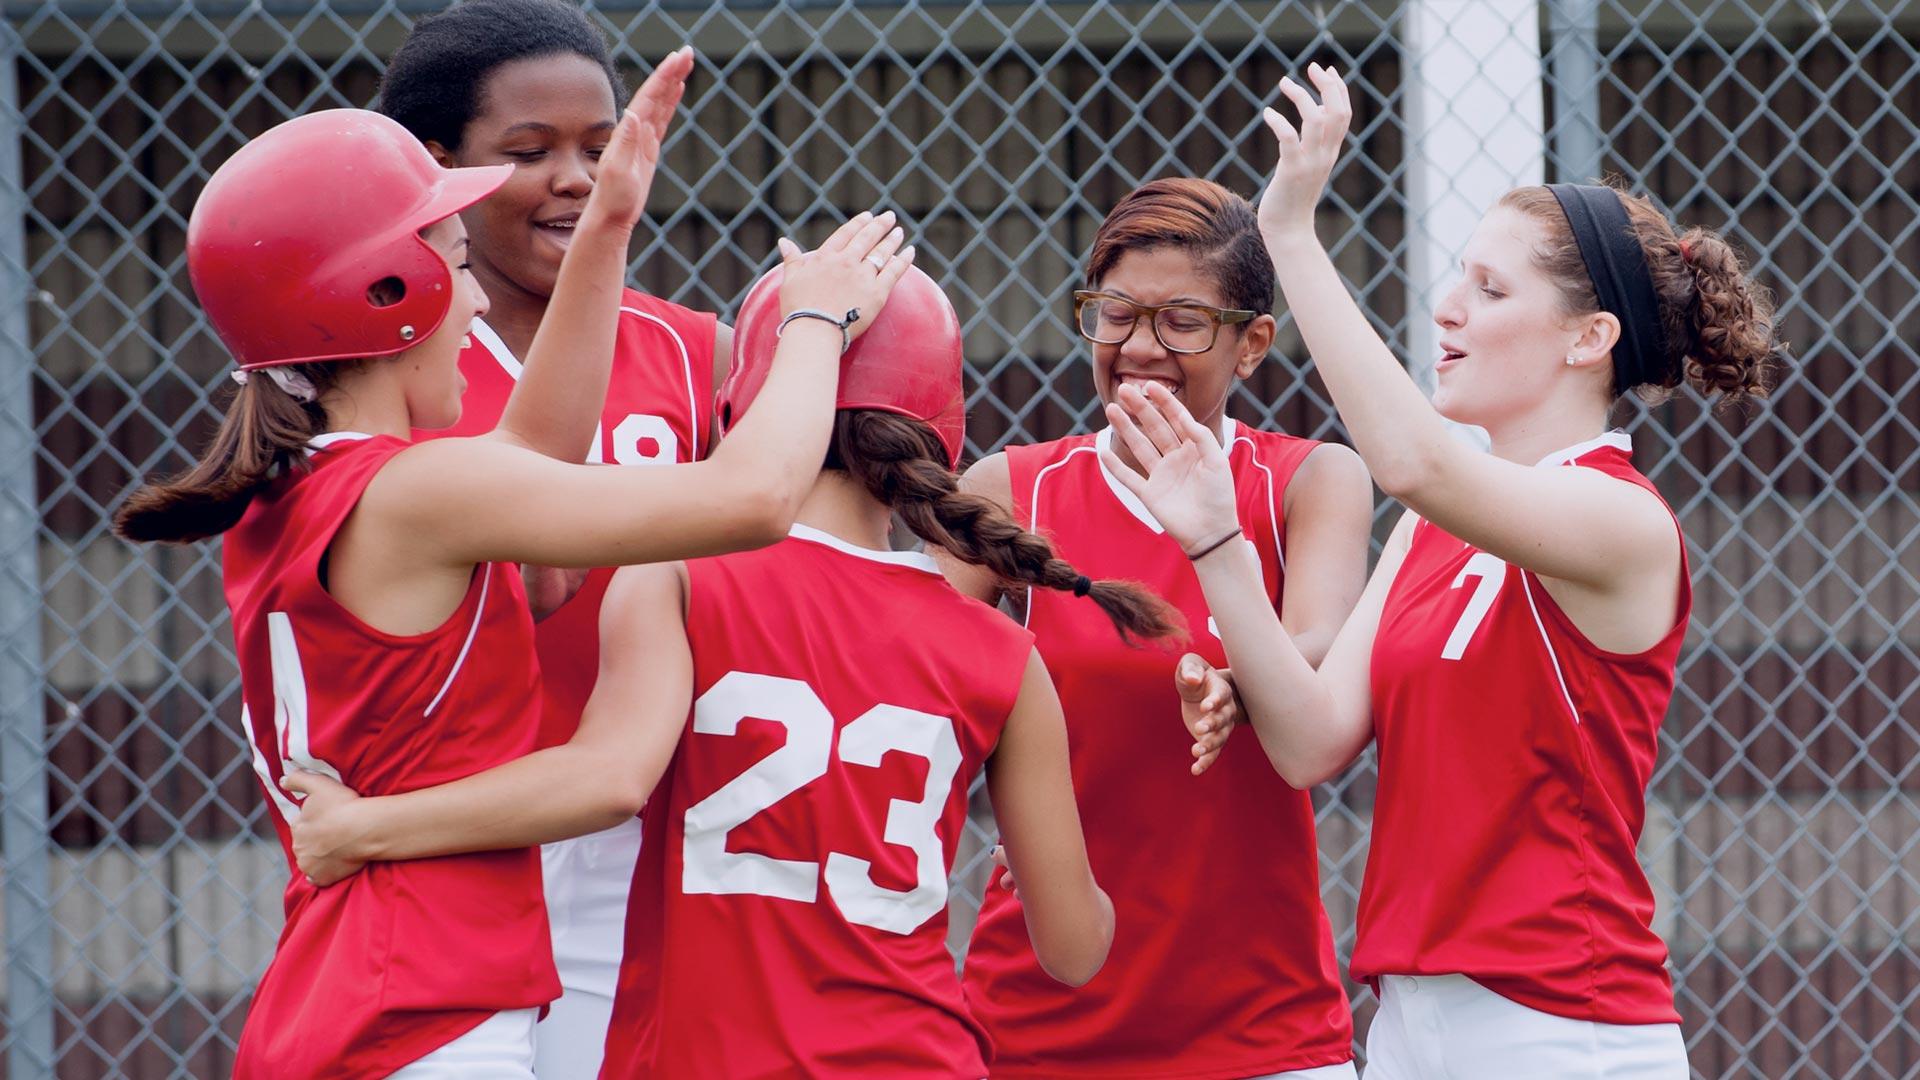 Softball players high five